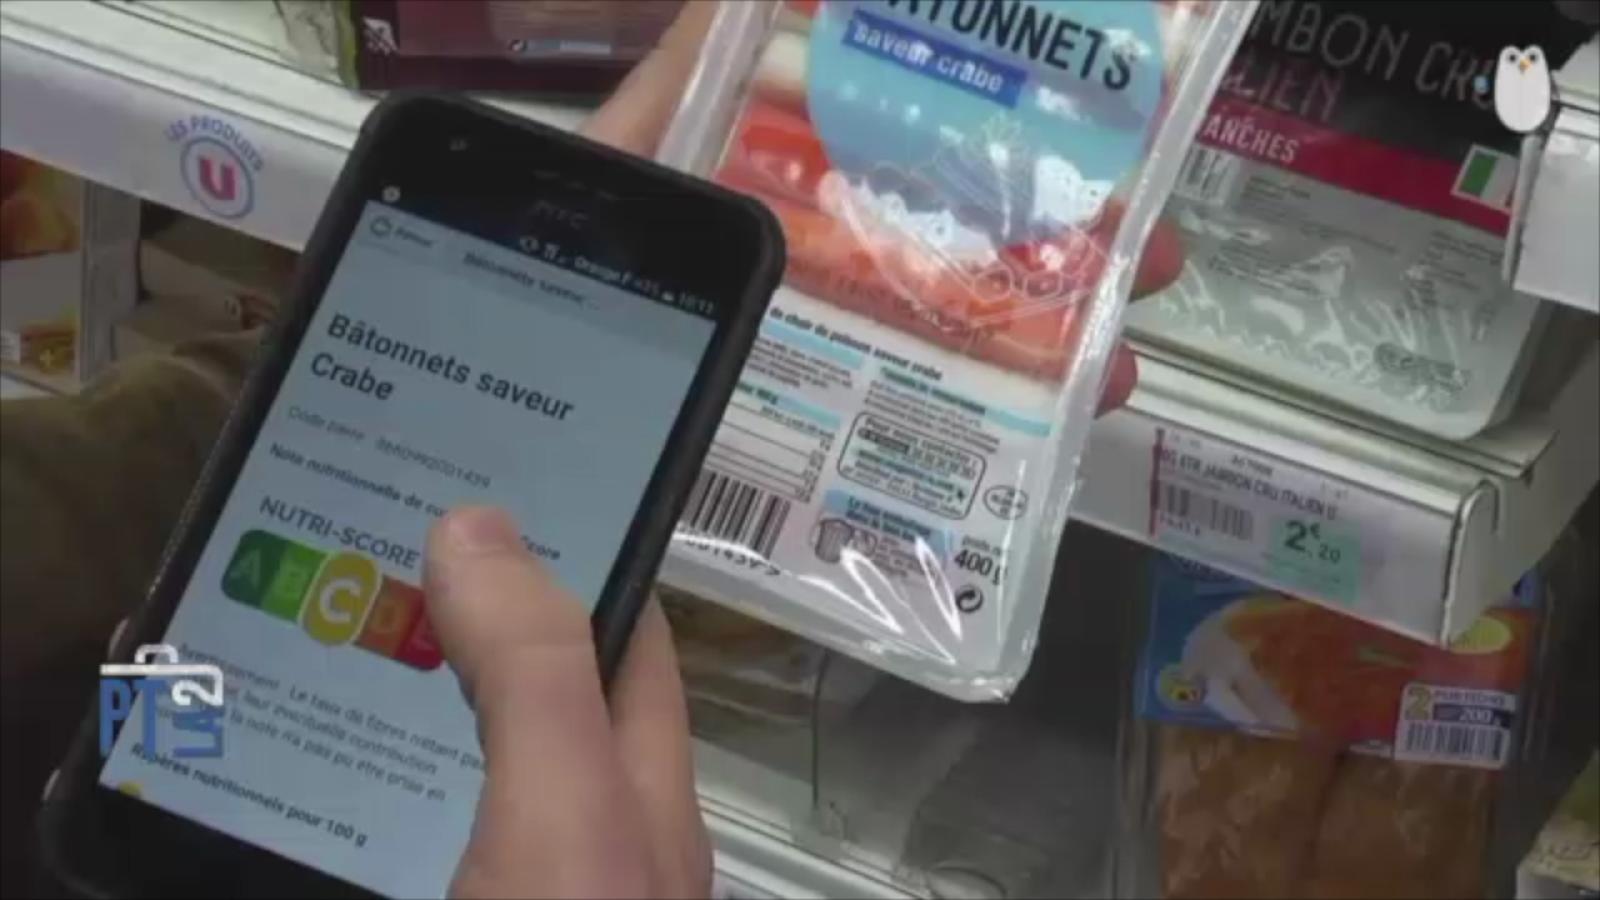 Saber qué contiene cada alimento a través de una app